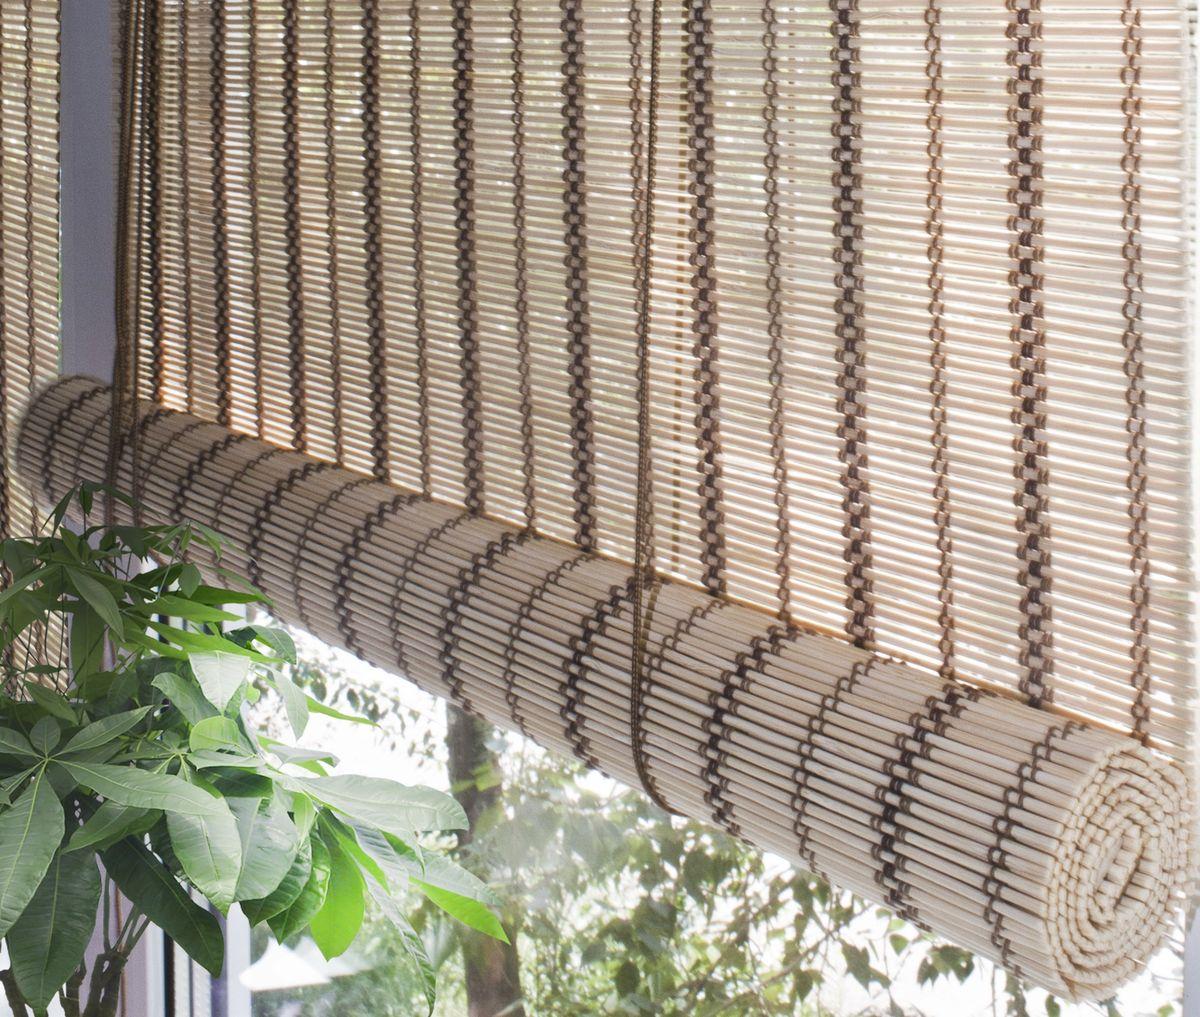 Штора рулонная Эскар Бамбук, цвет: золотой беж, ширина 120 см, высота 160 см804947140160При оформлении интерьера современных помещений многие отдают предпочтение природным материалам. Бамбуковые рулонные шторы - одно из натуральных изделий, способное сделать атмосферу помещения более уютной и в то же время необычной. Свойства бамбука уникальны: он экологически чист, так как быстро вырастает, благодаря чему не успевает накопить вредные вещества из окружающей среды. Кроме того, растение обладает противомикробным и антибактериальным действием. Занавеси из бамбука безопасно использовать в помещениях, где находятся новорожденные дети и люди, склонные к аллергии. Они незаменимы для тех, кто заботится о своем здоровье и уделяет внимание высокому уровню жизни.Бамбуковые рулонные шторы представляют собой полотно, состоящее из тонких бамбуковых стеблей и сворачиваемое в рулон.Римские бамбуковые шторы, как и тканевые римские шторы, при поднятии образуют крупные складки, которые прекрасно декорируют окно.Особенность устройства полотна позволяет свободно пропускать дневной свет, что обеспечивает мягкое освещение комнаты. Это натуральный влагостойкий материал, который легко вписывается в любой интерьер, хорошо сочетается с различной мебелью и элементами отделки. Использование бамбукового полотна придает помещению необычный вид и визуально расширяет пространство.Помимо внешней красоты, это еще и очень удобные конструкции, экономящие пространство. Изготавливаются они из специальных материалов, устойчивых к внешним воздействиям. Сама штора очень эргономичная, и позволяет изменять визуально пространство в зависимости от потребностей владельца.